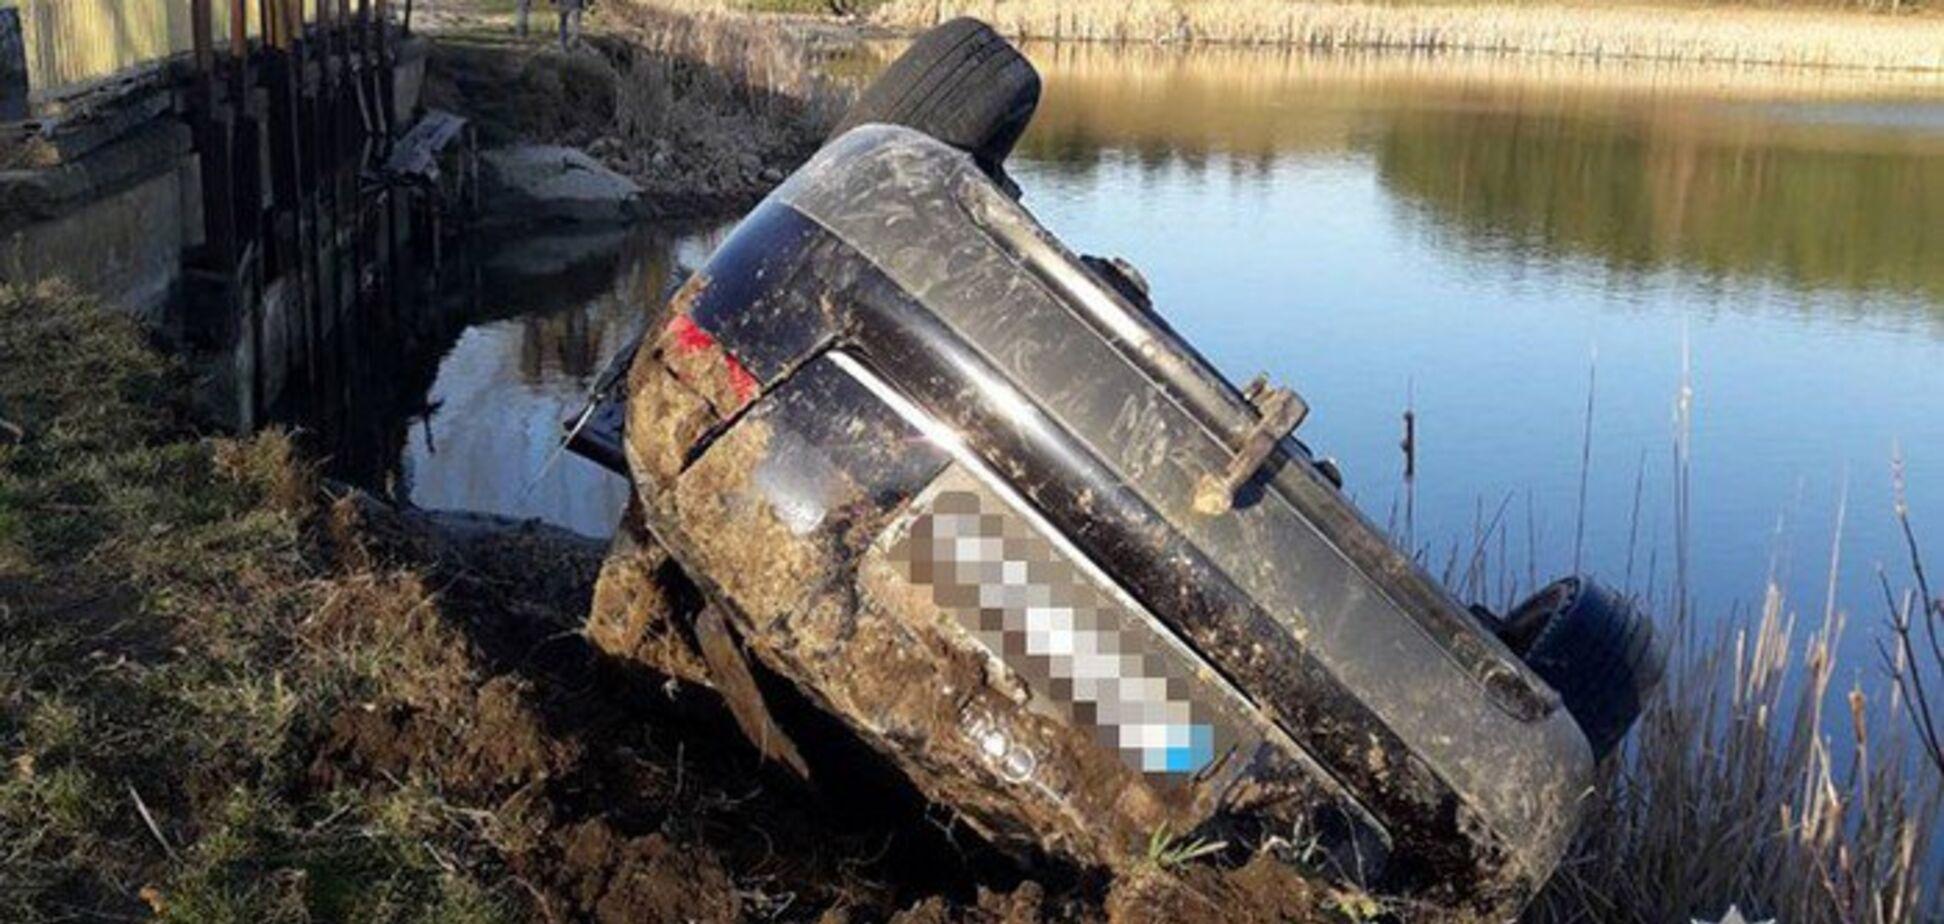 Смертельна дурість: машина з п'ятьма хлопцями і дівчиною зірвалася в ставок